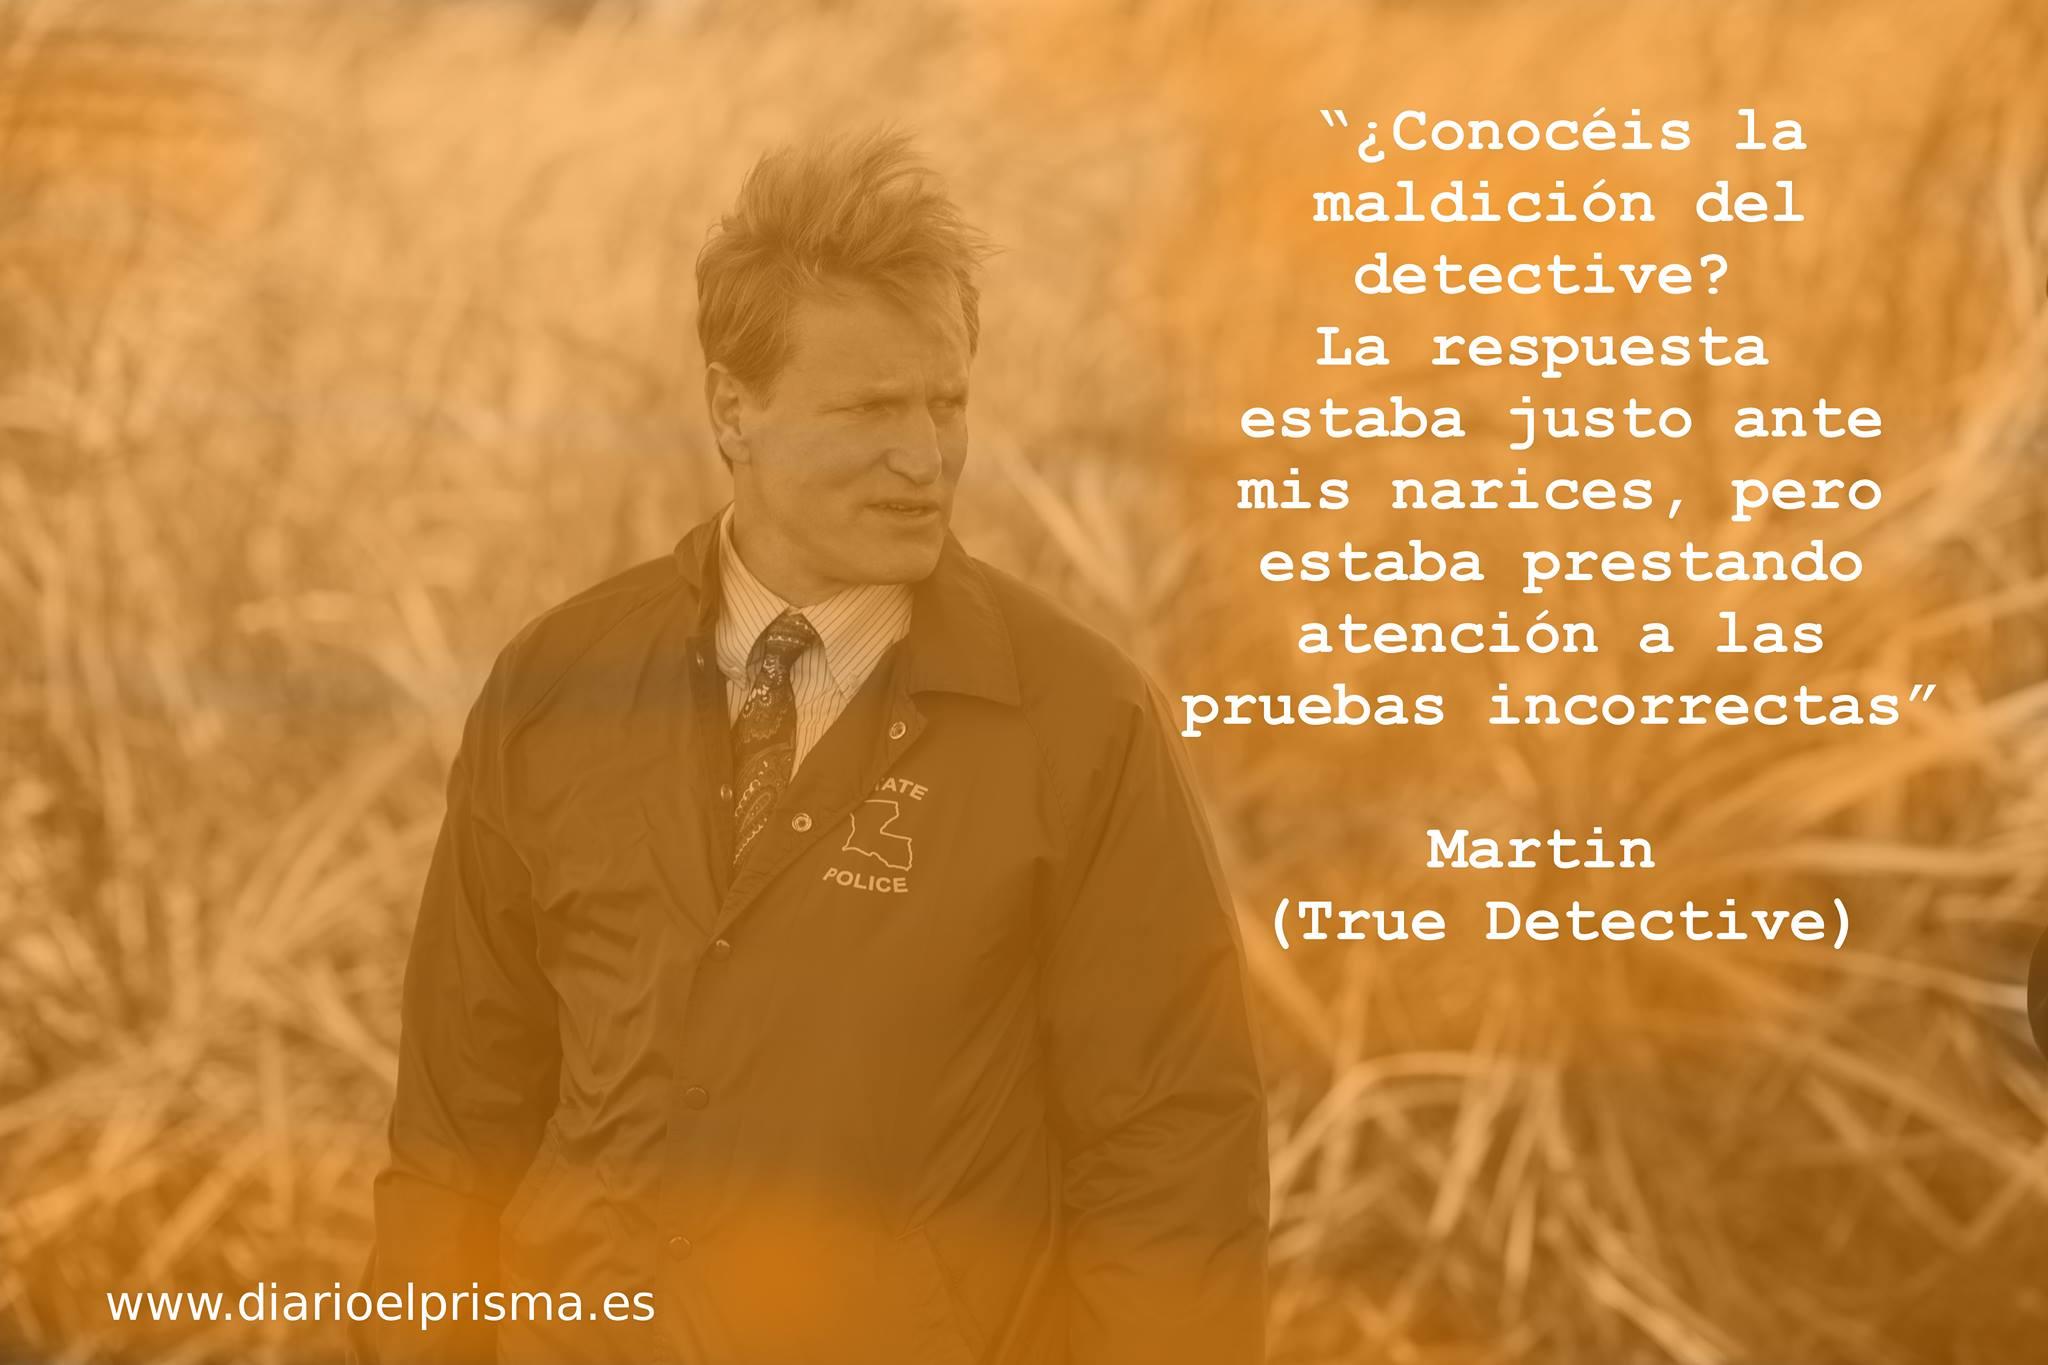 True Detective Las Pruebas Diario El Prisma